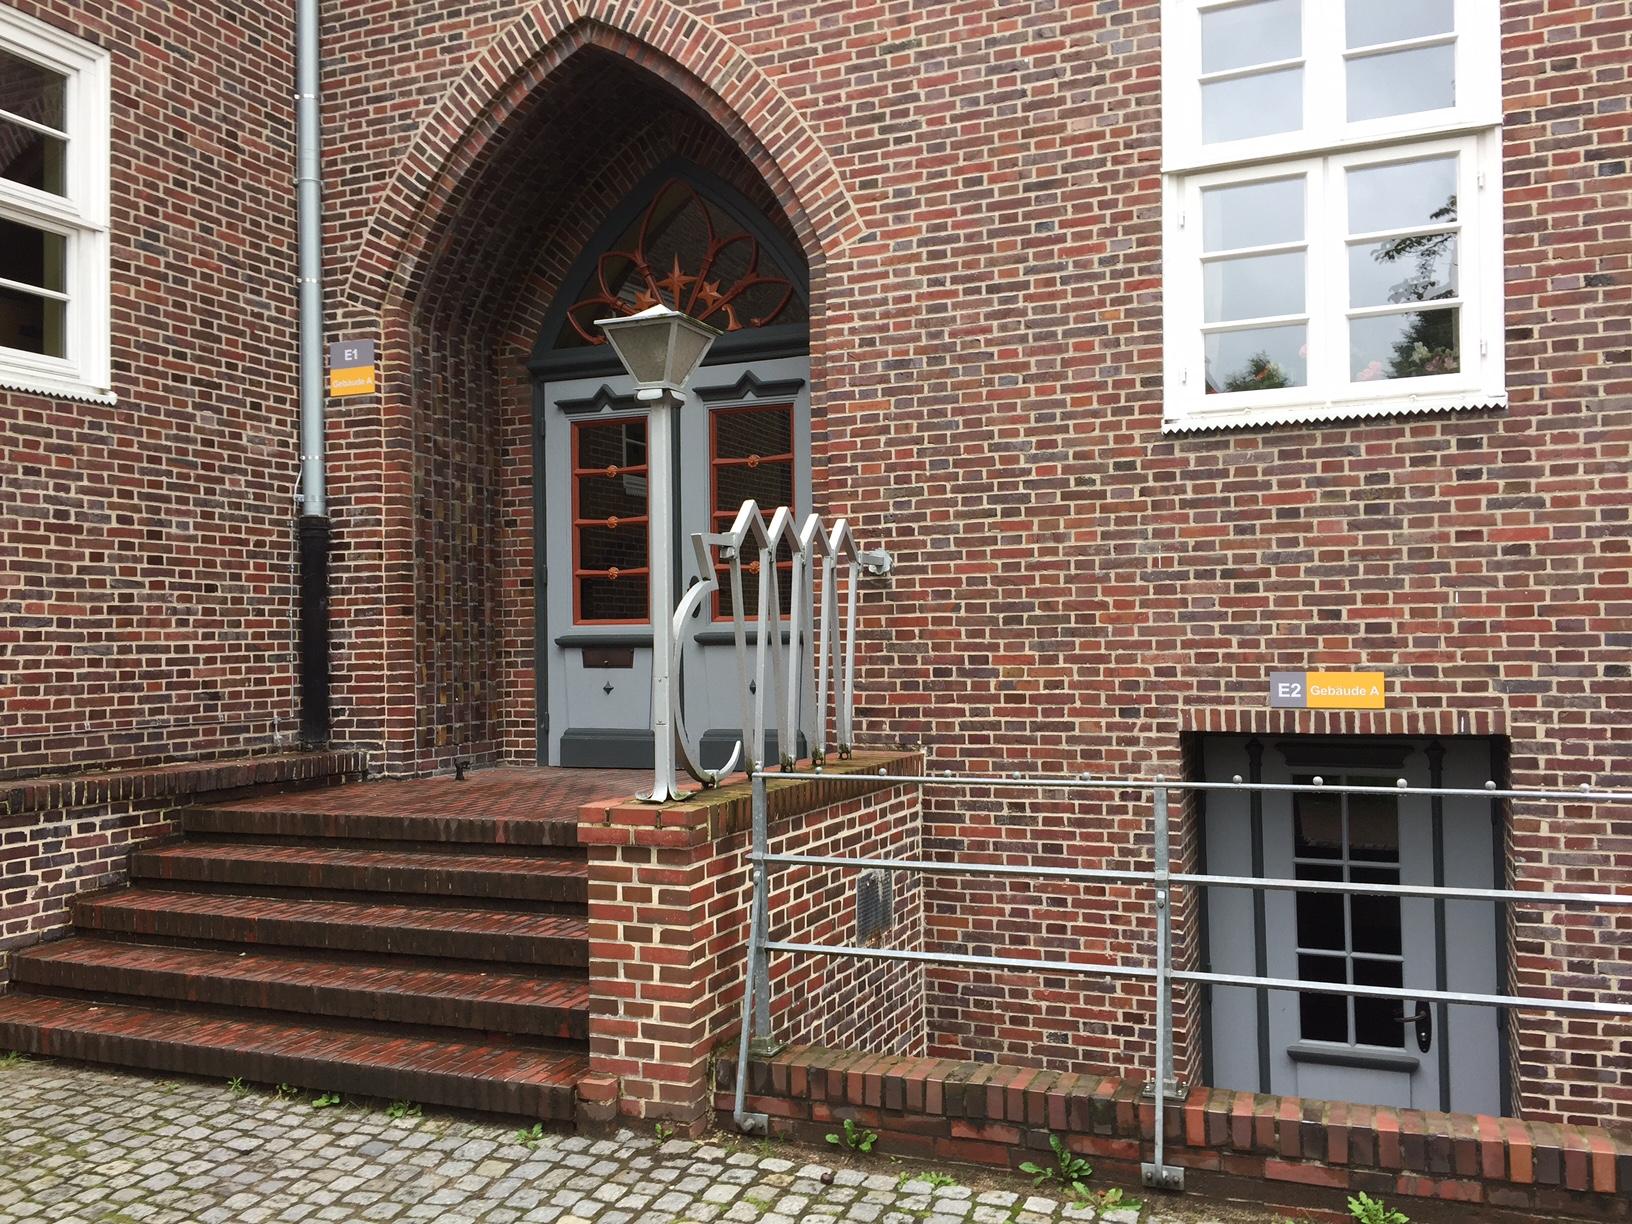 Eingangsbeschilderung ist ein Bestandteil des einheitlichen Orientieurngssystems im FLS-Design.